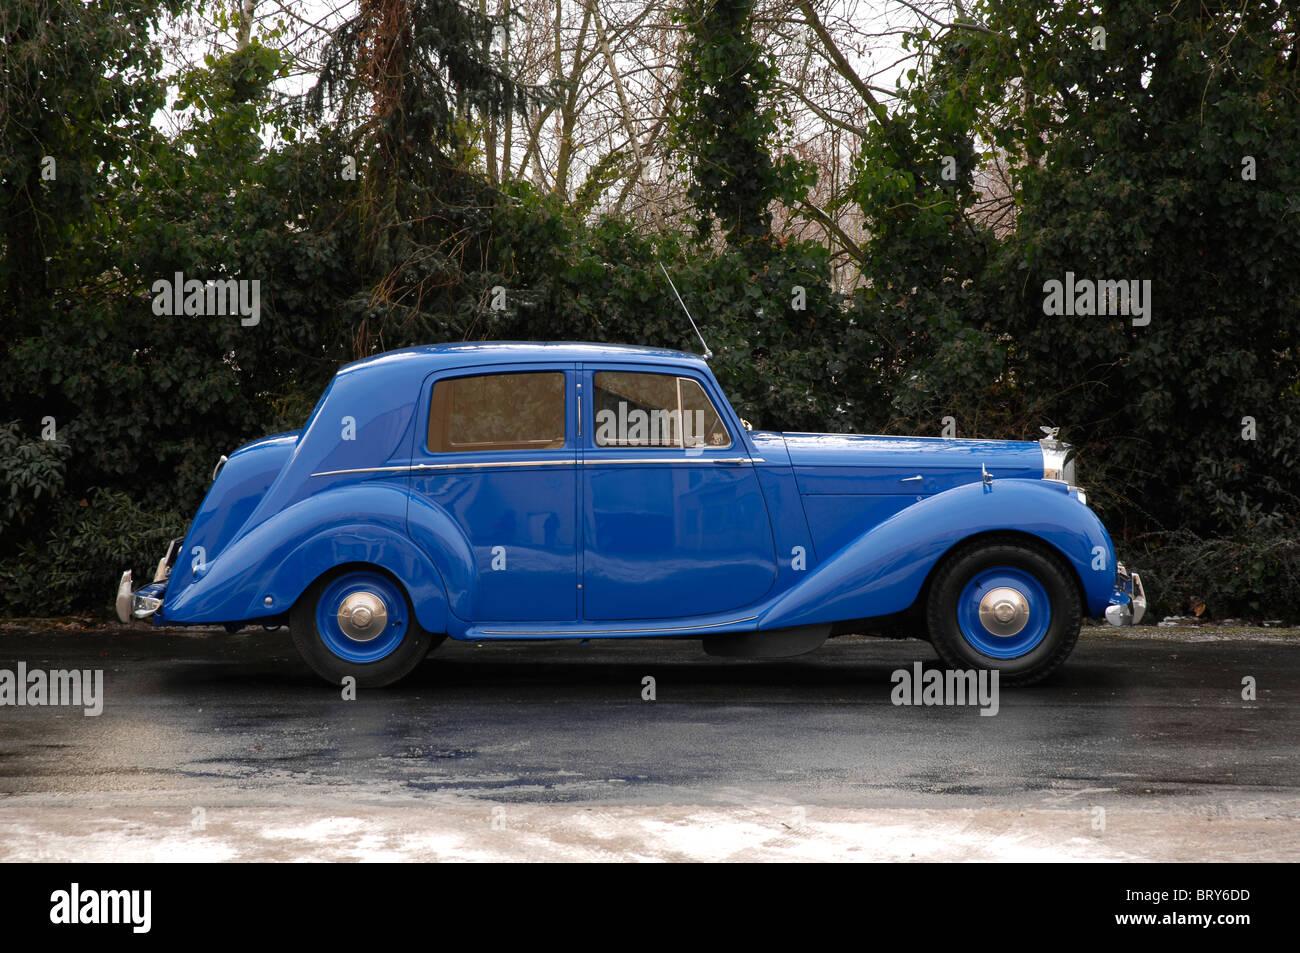 Bentley MK VI berlina deportiva 1948 Imagen De Stock